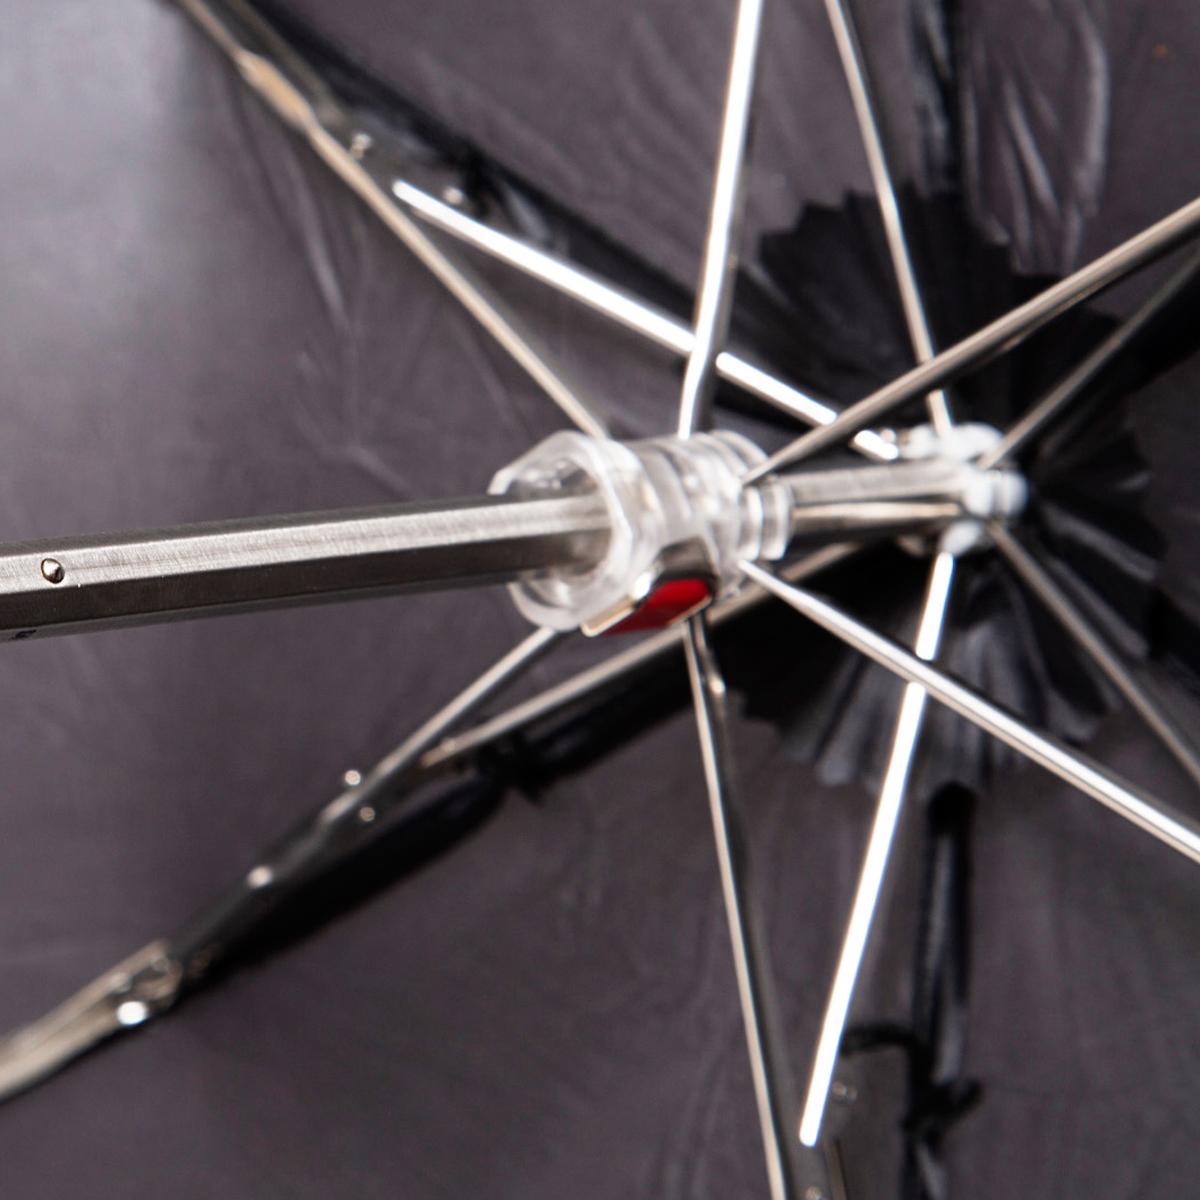 軽く、強く、折れにくい、カンタン収納設計、わずか17cmの世界最小級折りたたみ傘「マイクロ傘」|スギタ